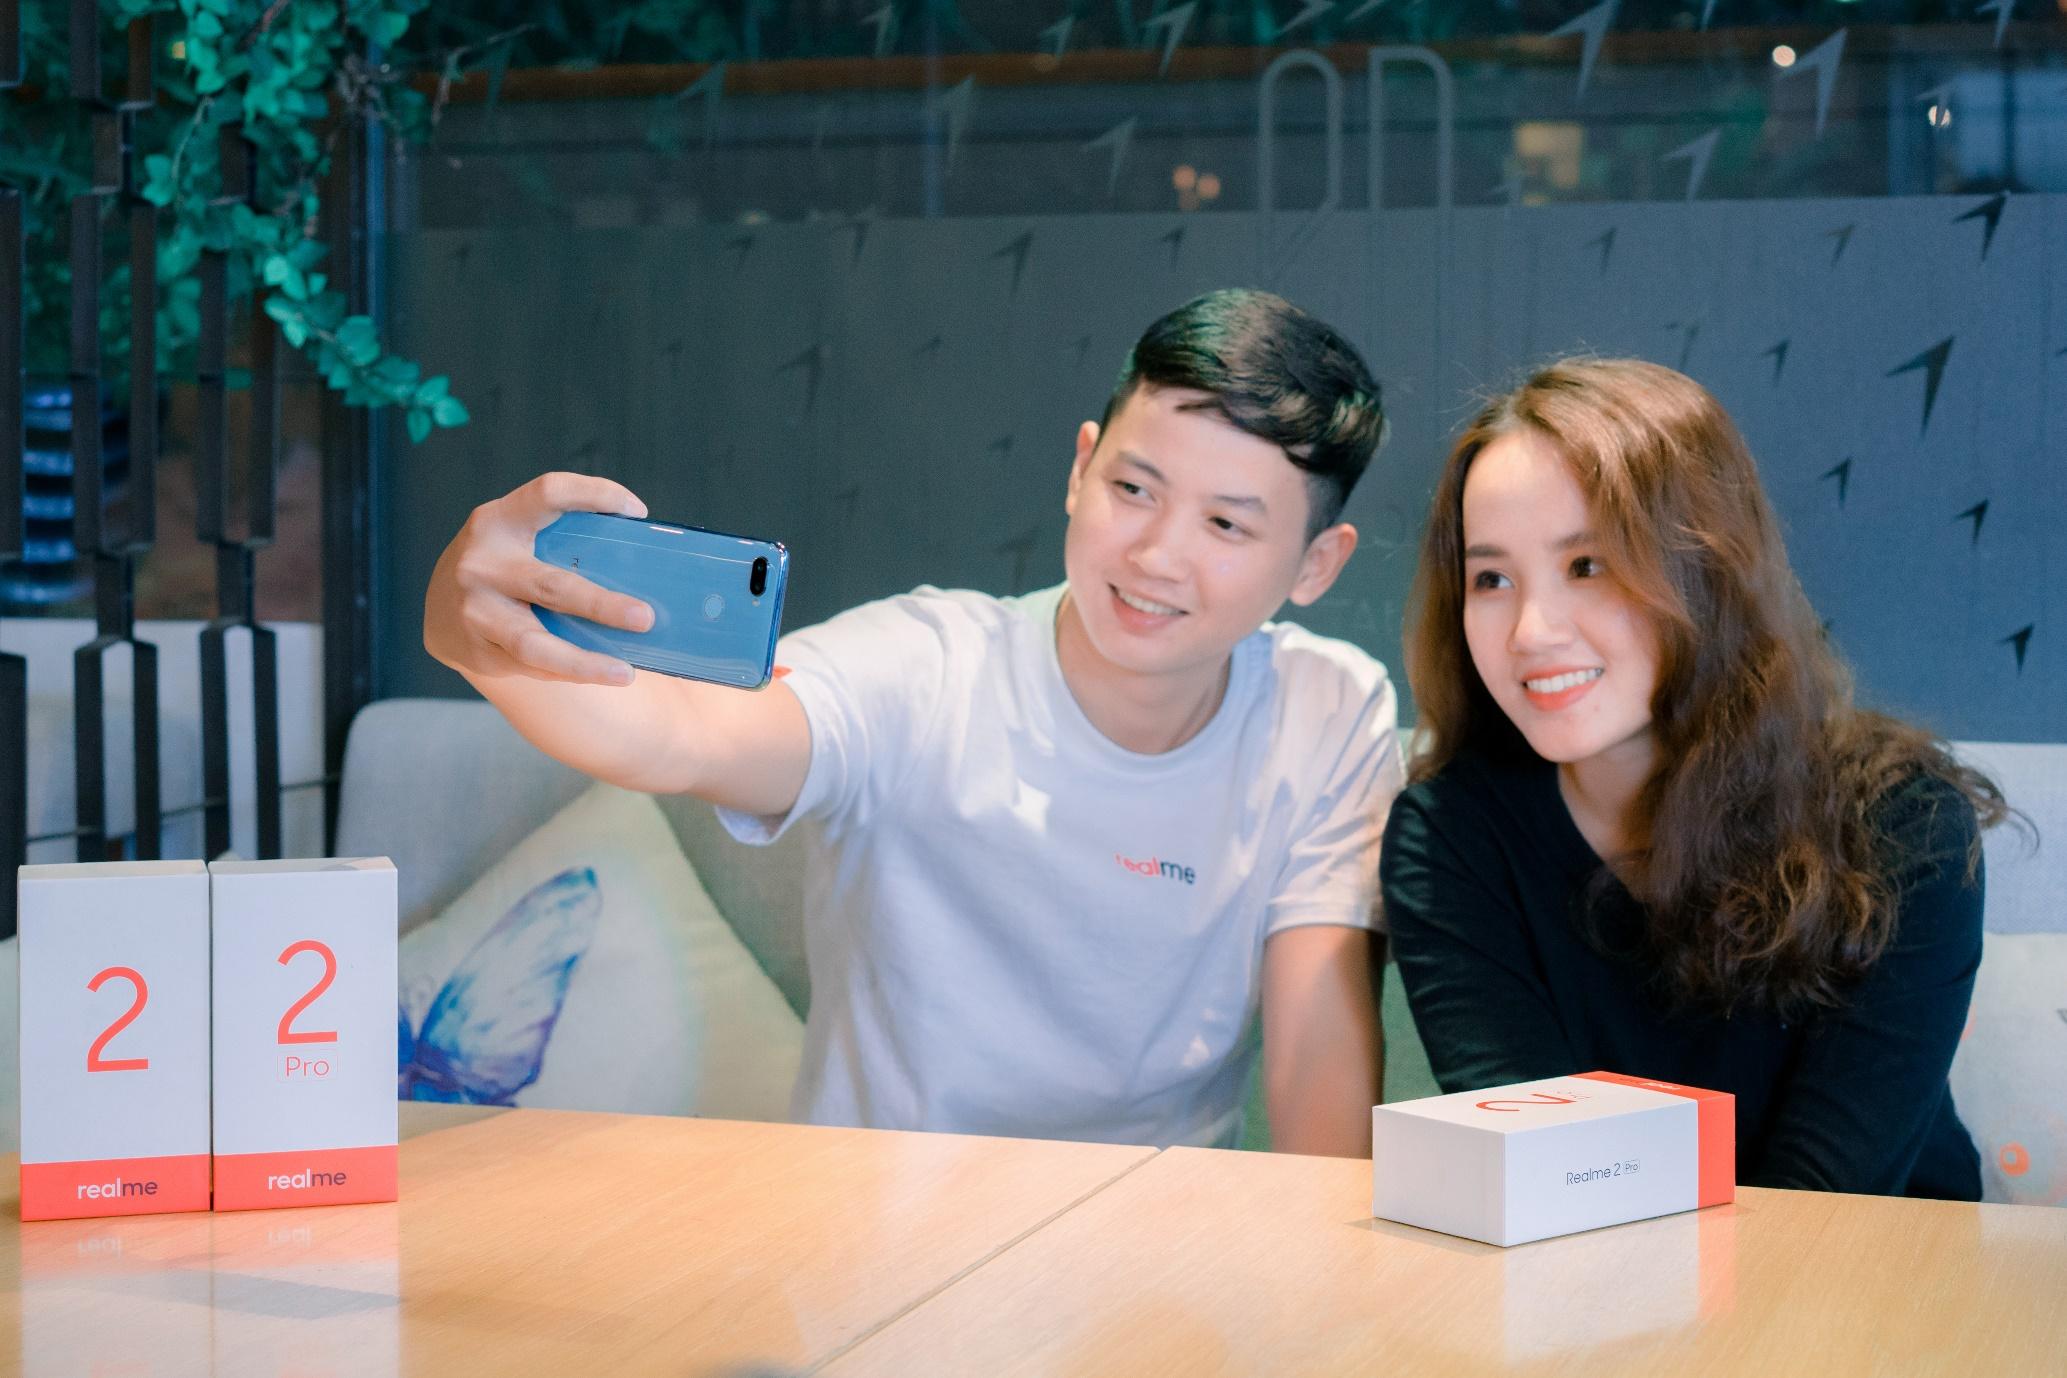 Liên minh Realme và Thế Giới Di Động: Lời cam kết nghiêm túc của thương hiệu non trẻ - Ảnh 1.